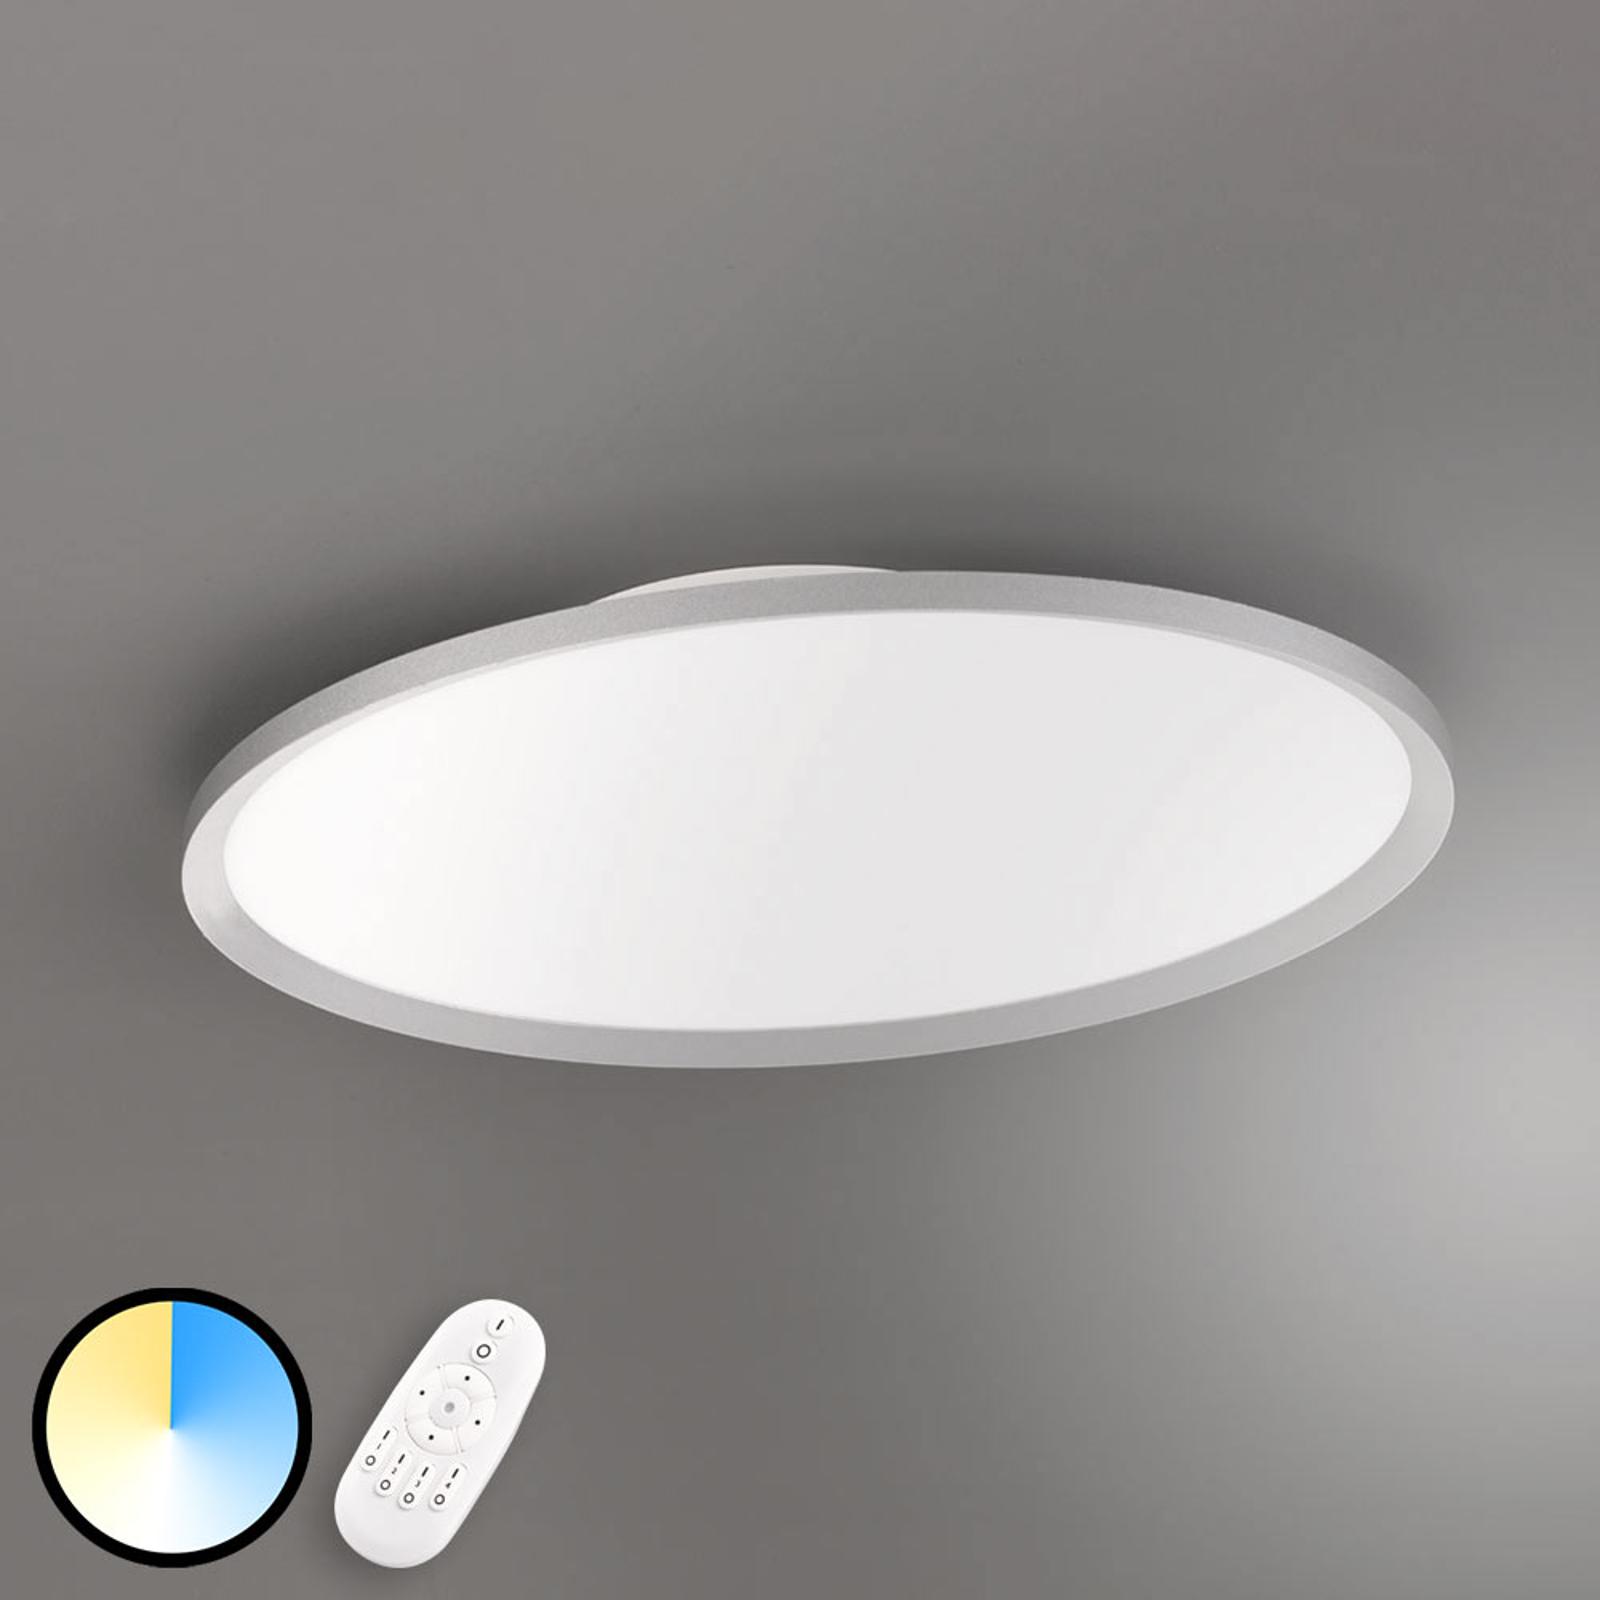 Monitoimintainen LED-kattolamppu Torrance, 64cm